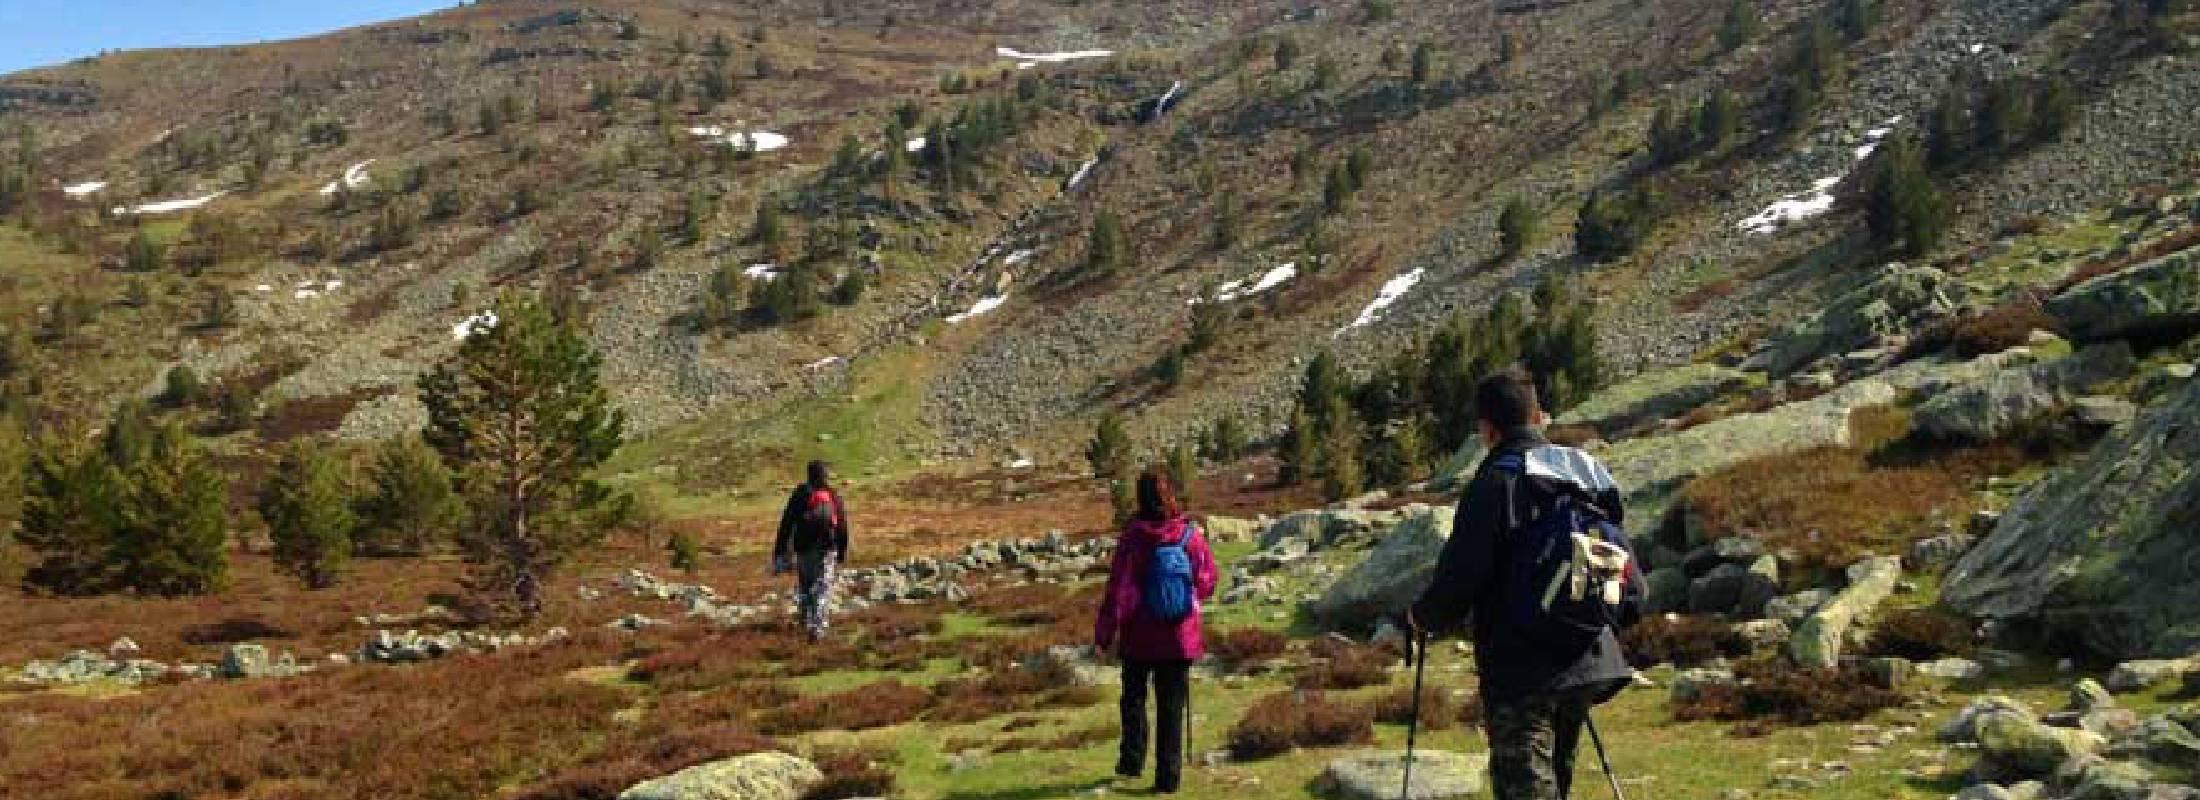 Rutas de senderismo en Soria, naturaleza